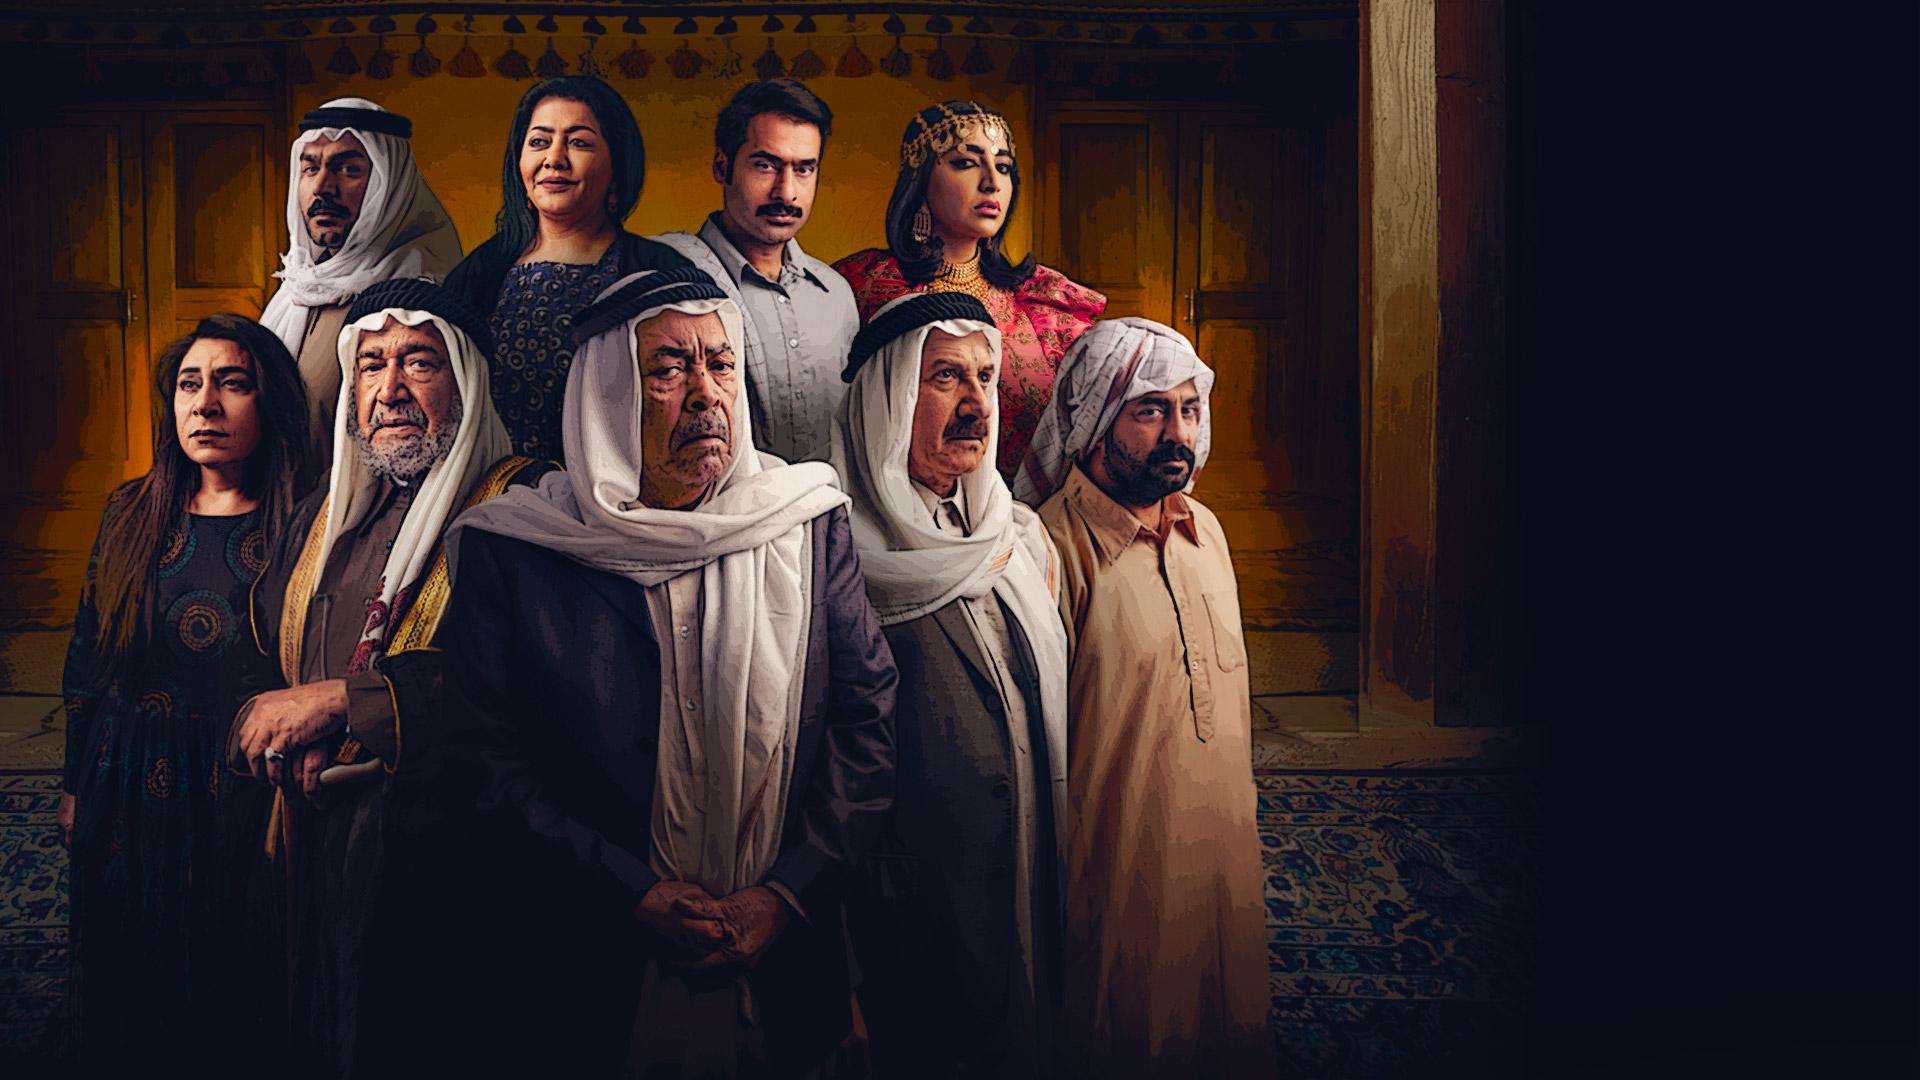 خطأ في مسلسل محمد علي رود